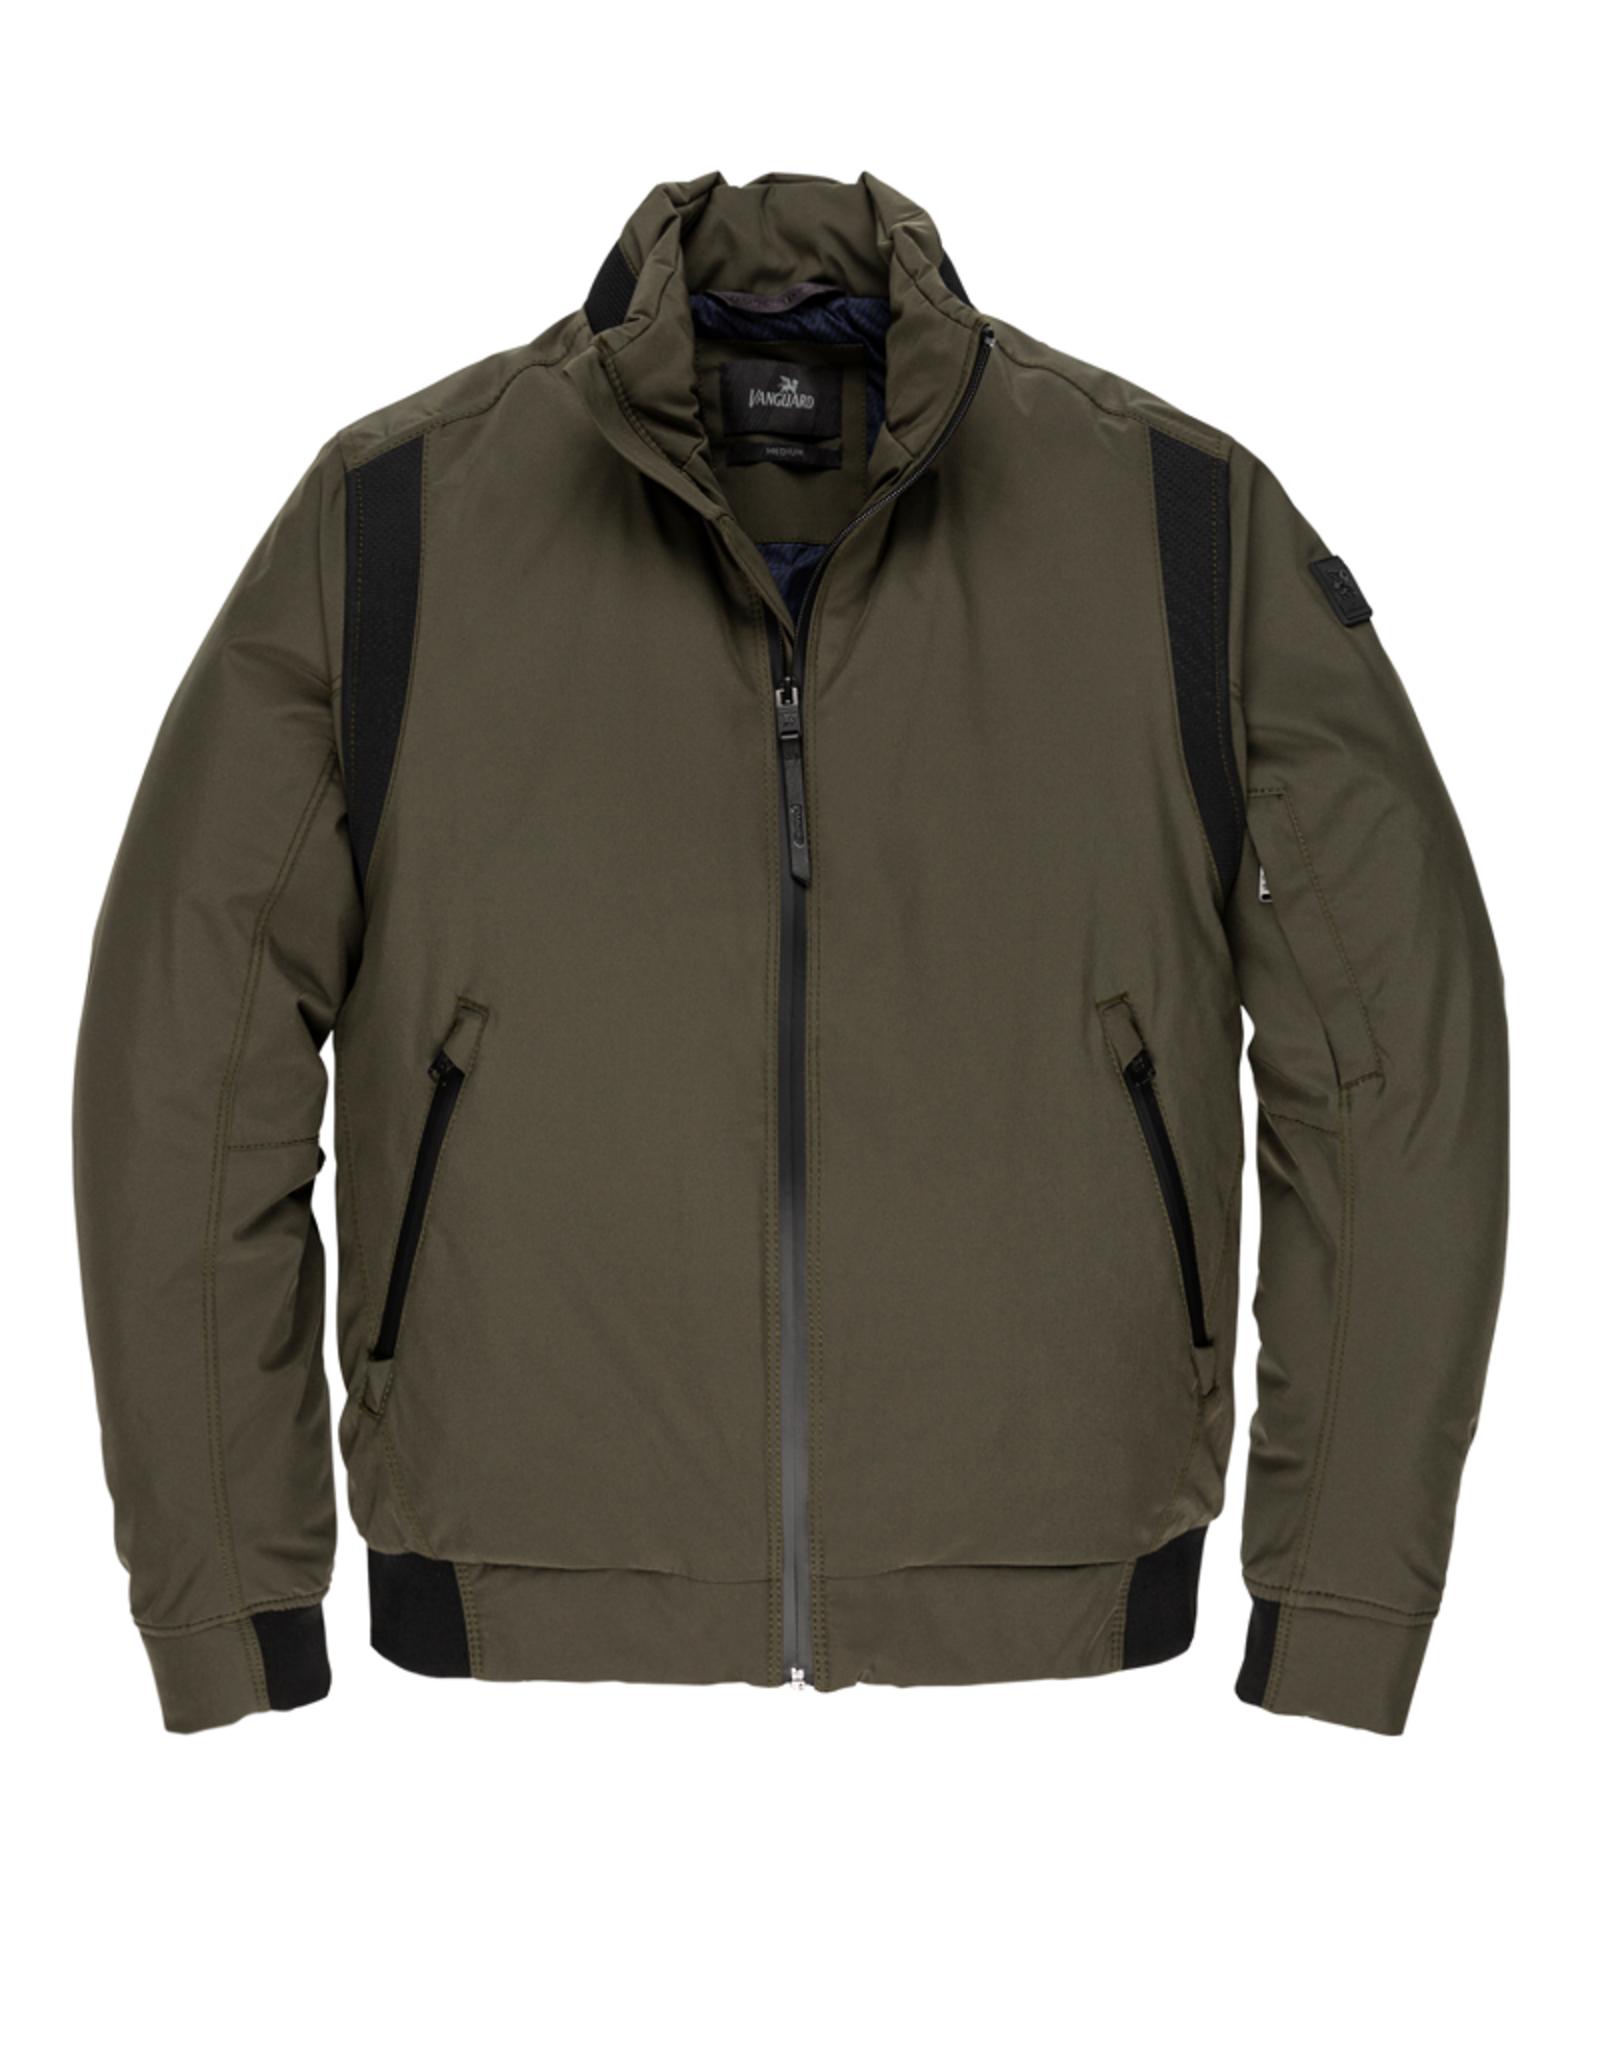 Vanguard Vanguard zip jacket Cleanshell Racehead 9061